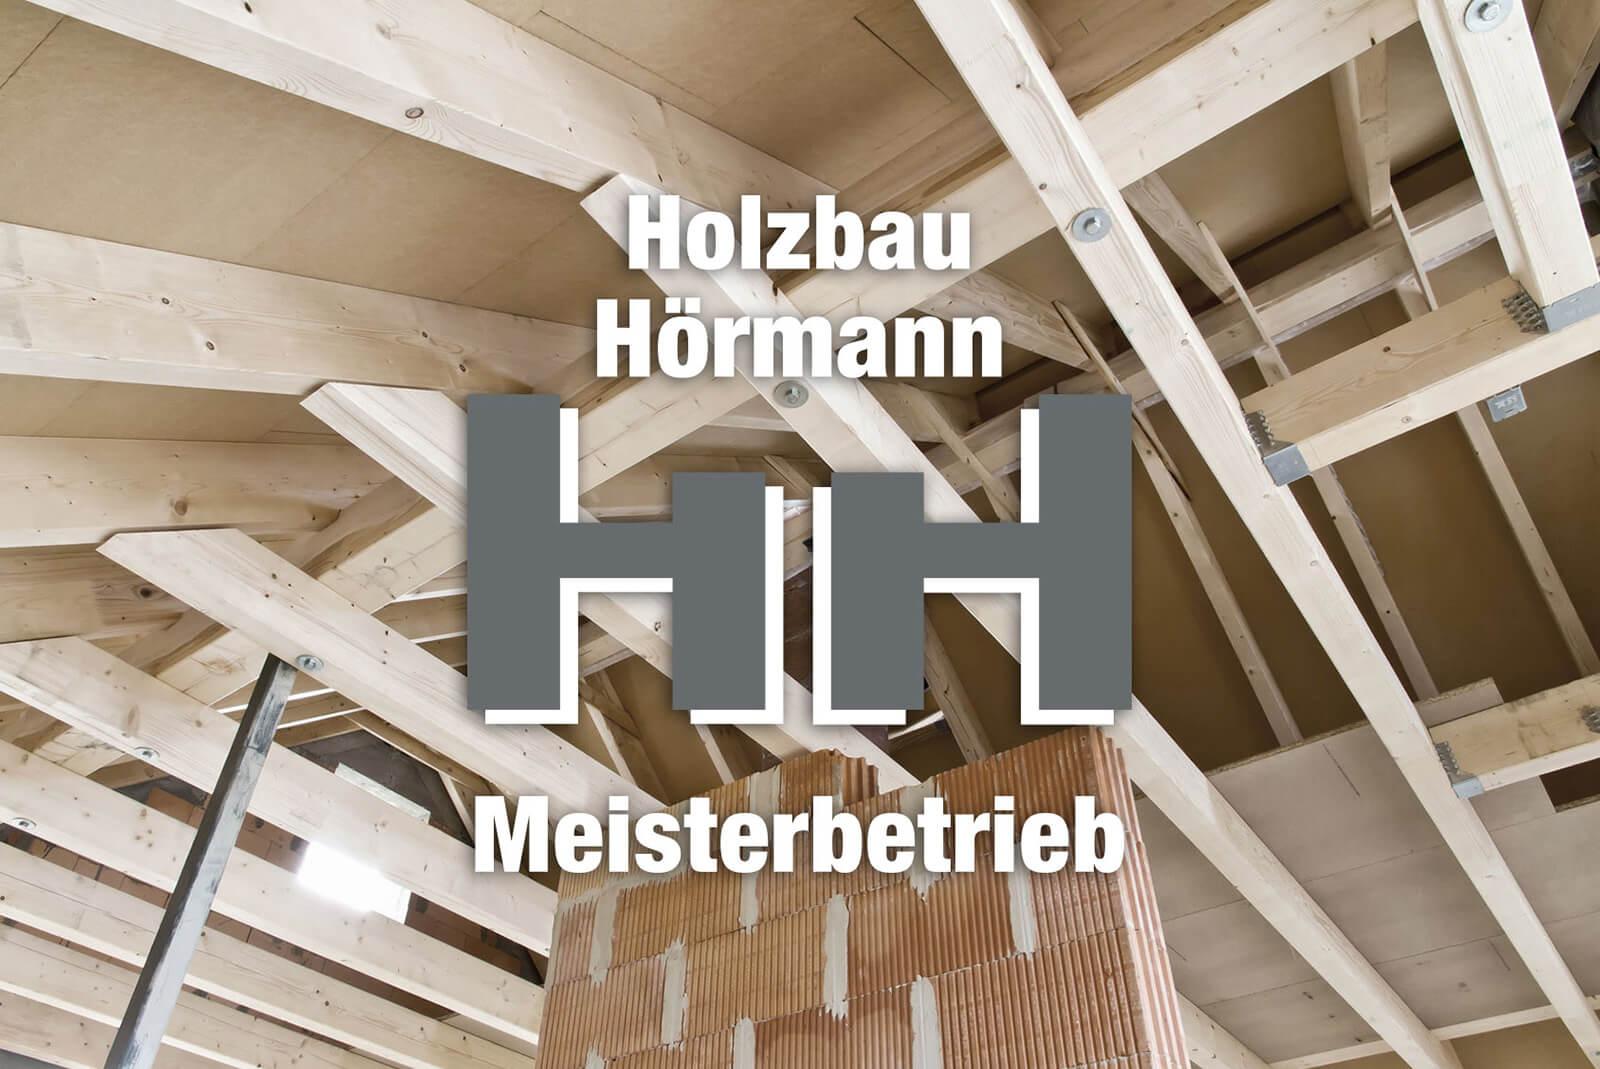 Holzbau Hörmann